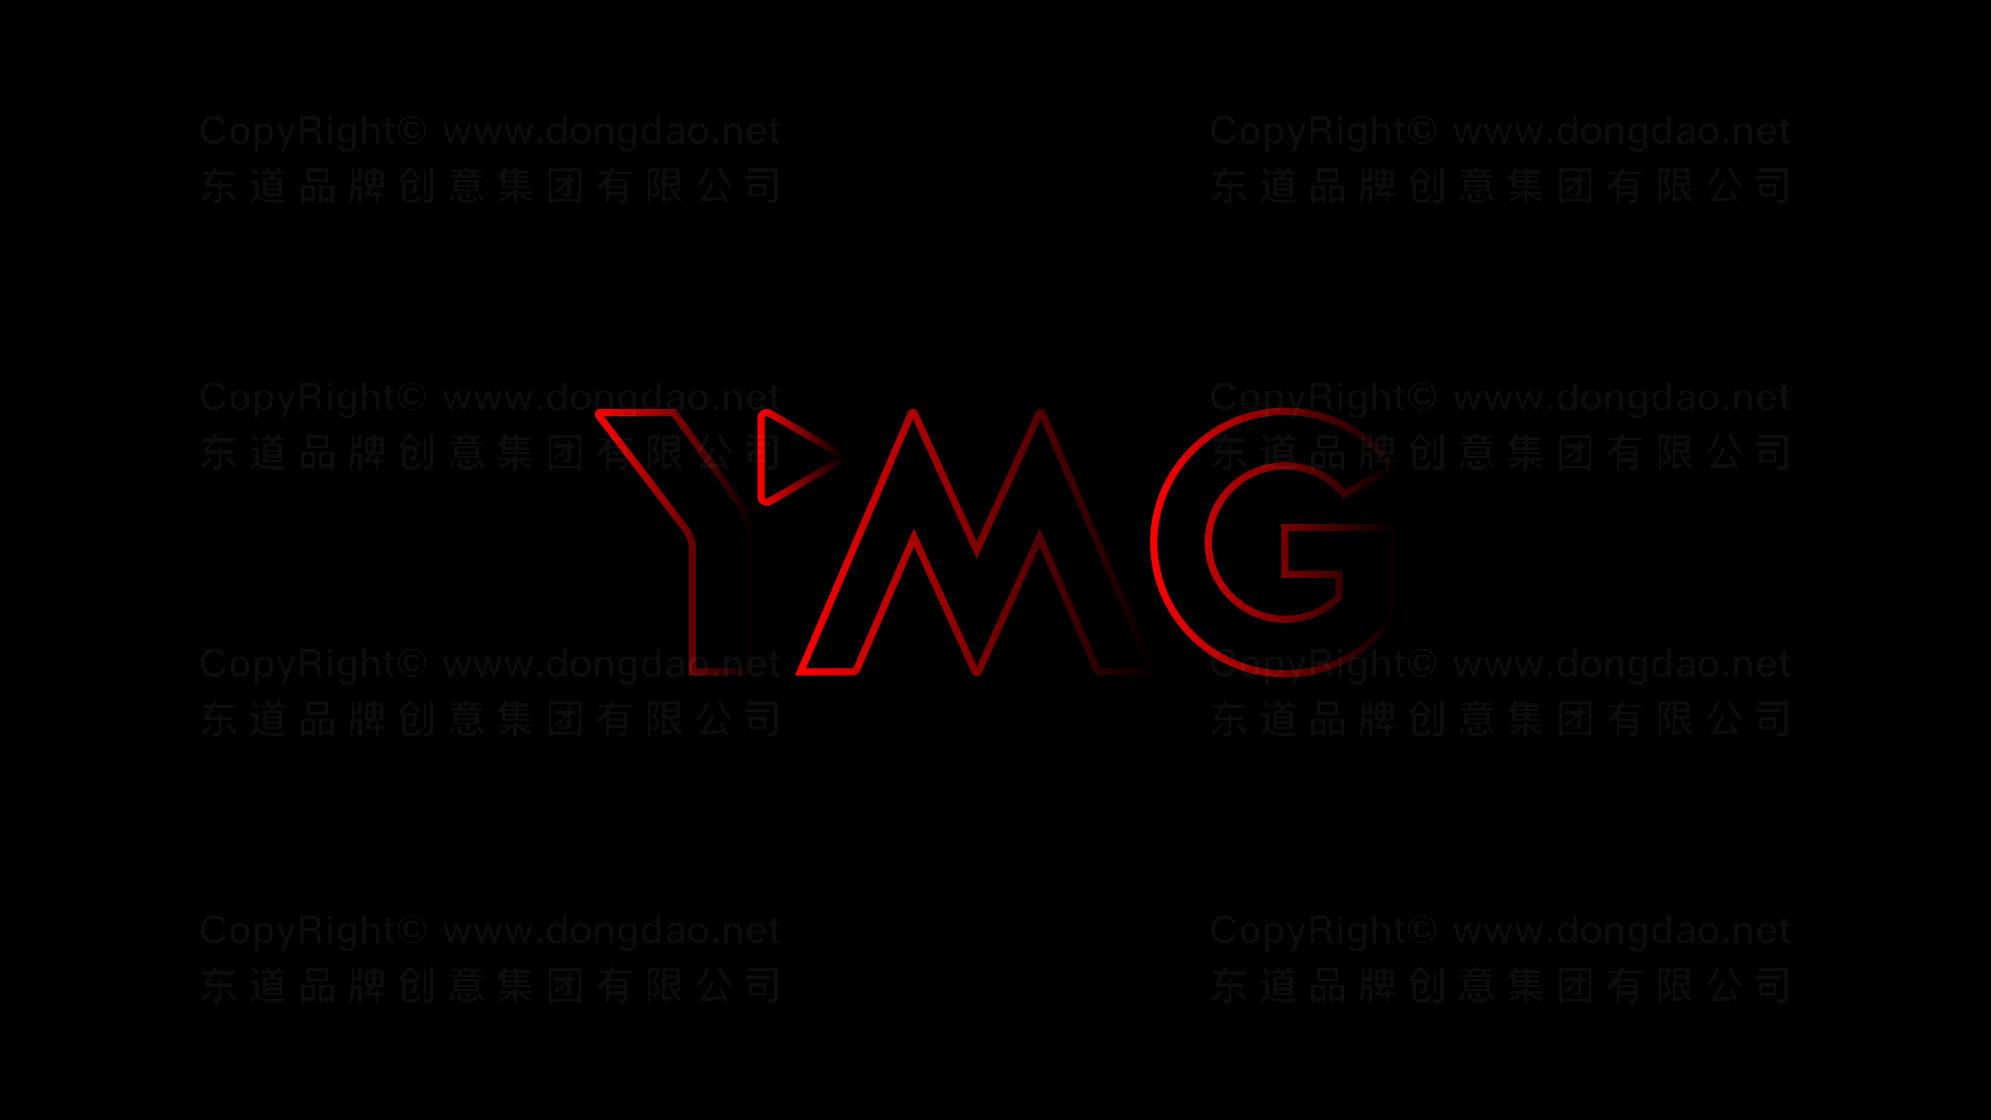 品牌设计余杭传媒logo设计、vi设计应用